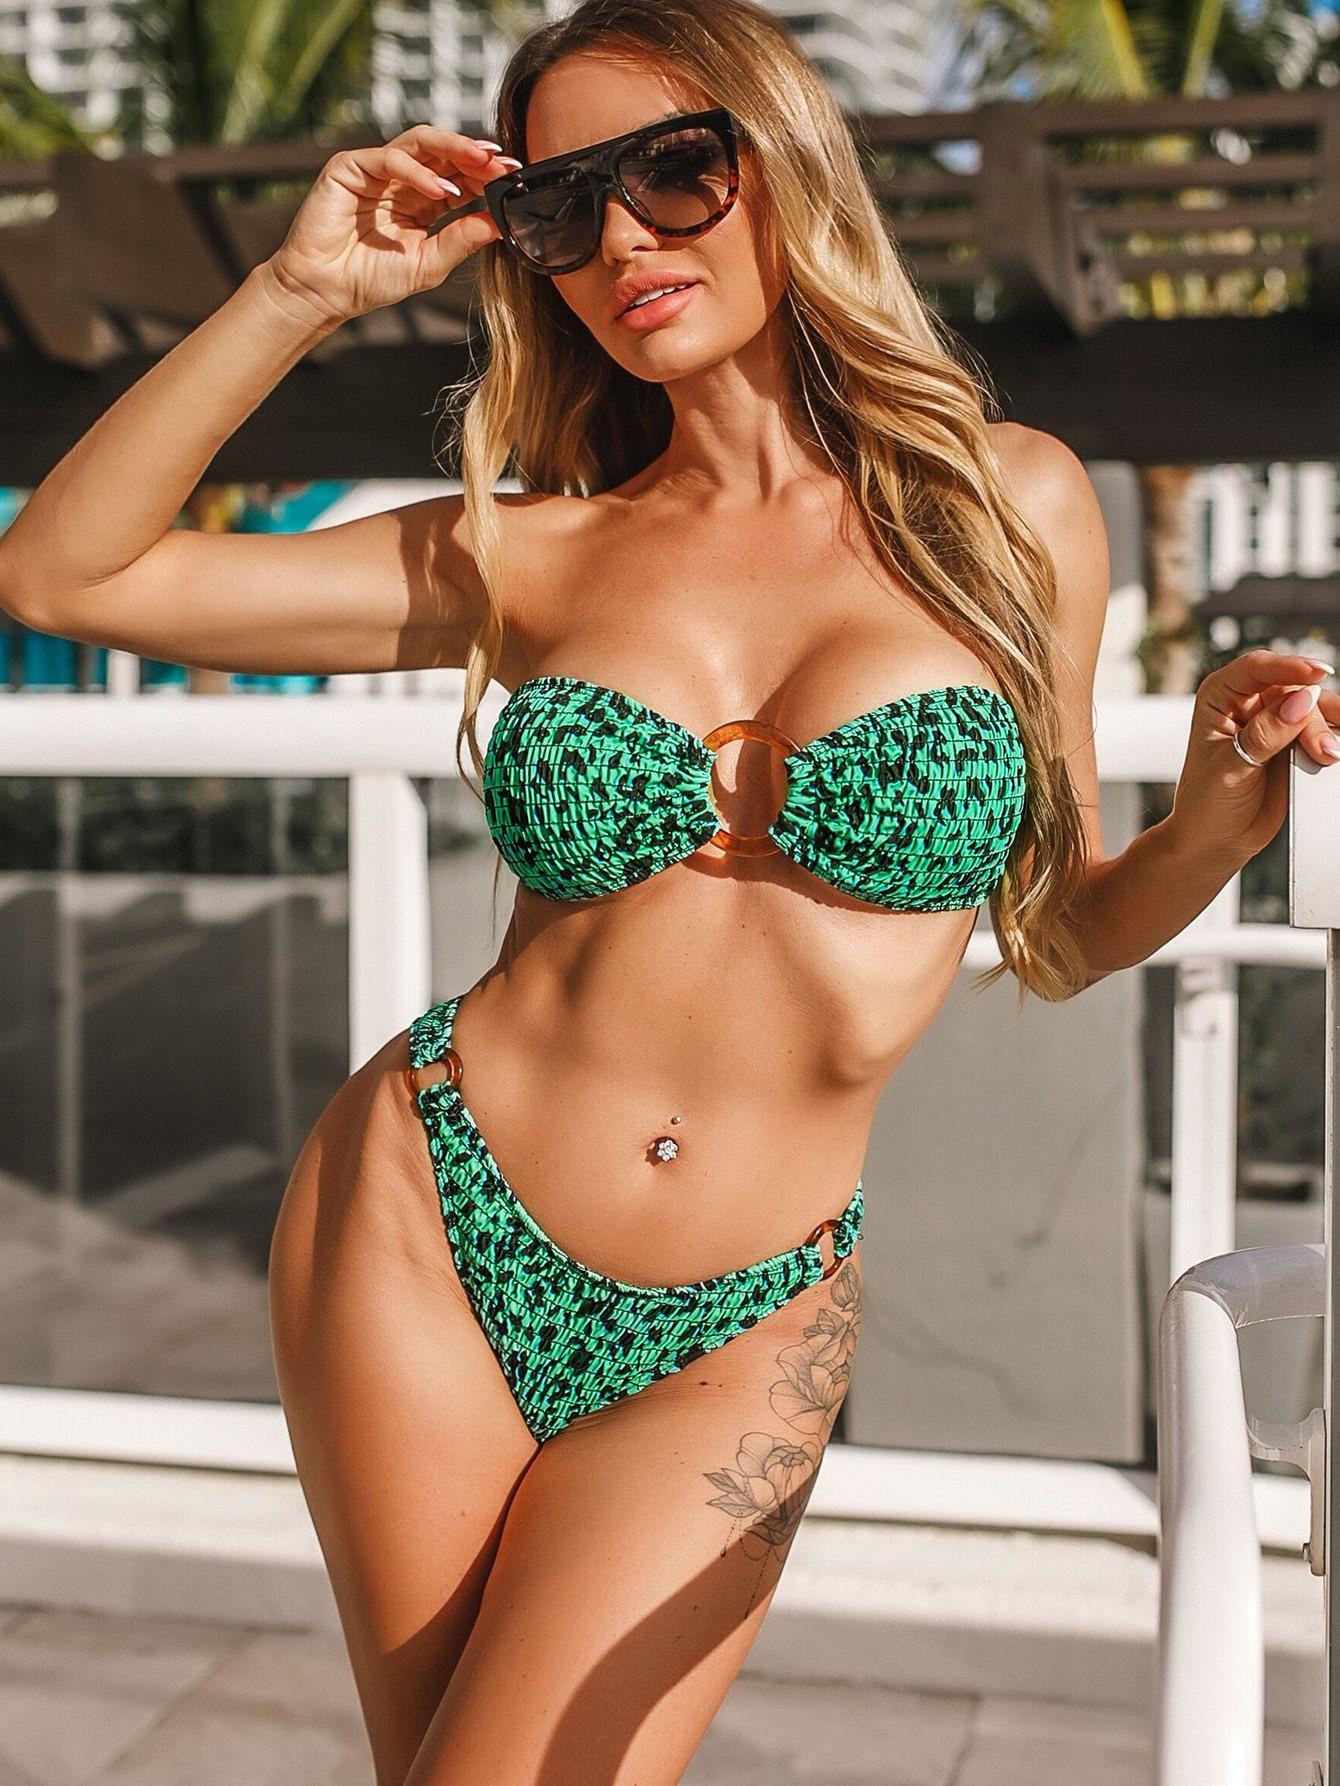 2020 Nouveau Top sexy Bikini Maillot de bain femme Bikini de Split maillot de bain Femme Summer Beach Wear Biquini